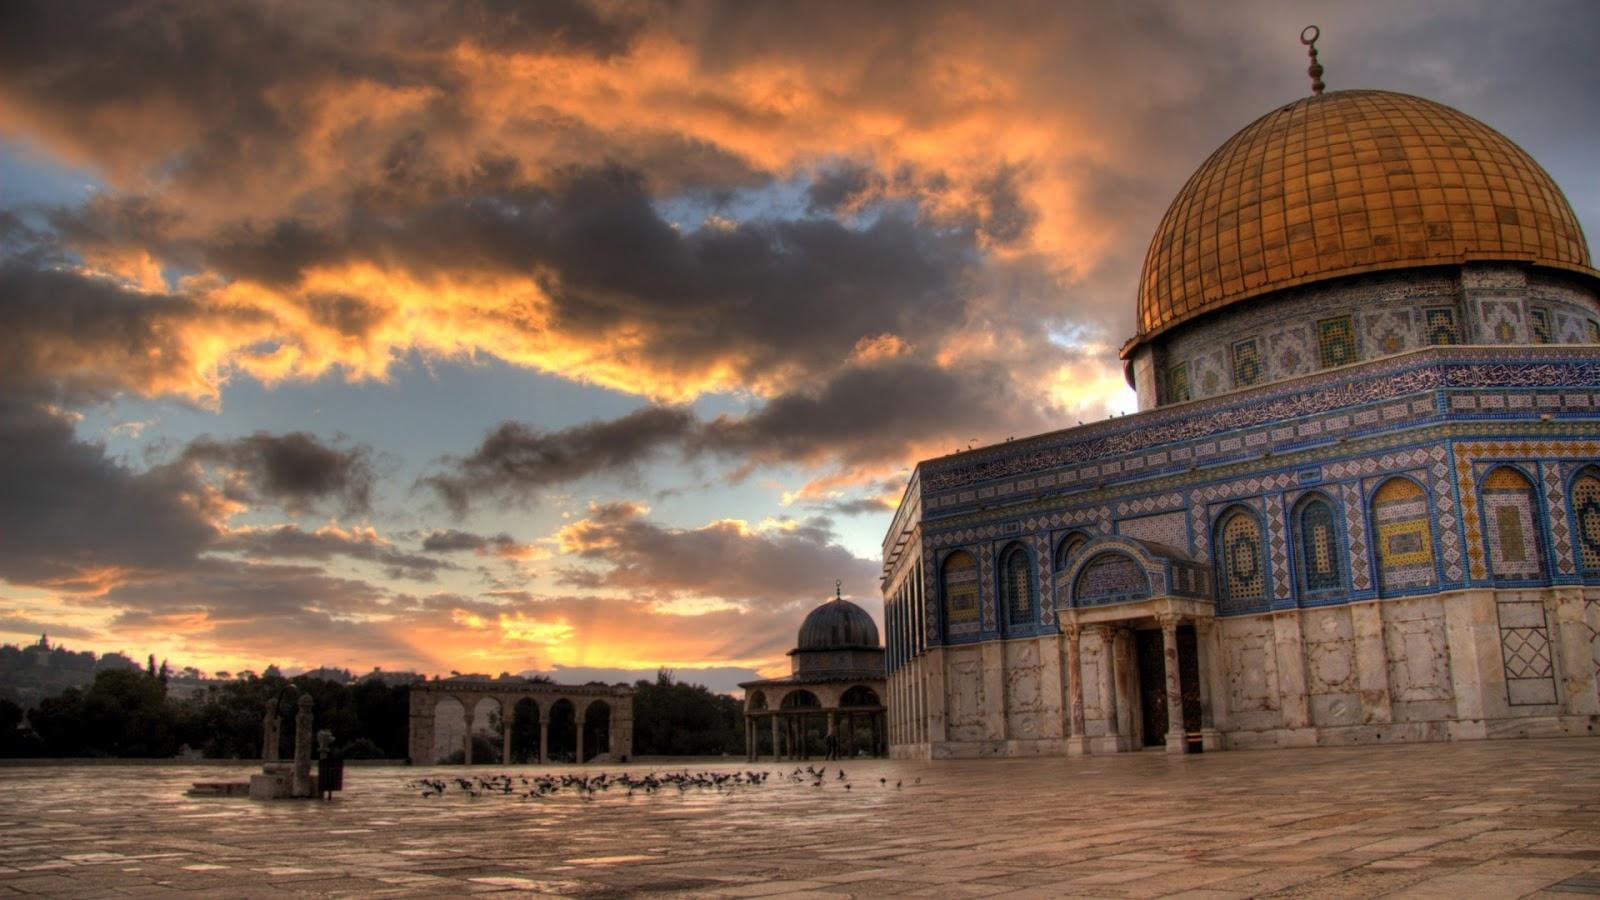 معلومات رائعة وجميلة عن المسجد الأقصى - عالم المعرفة